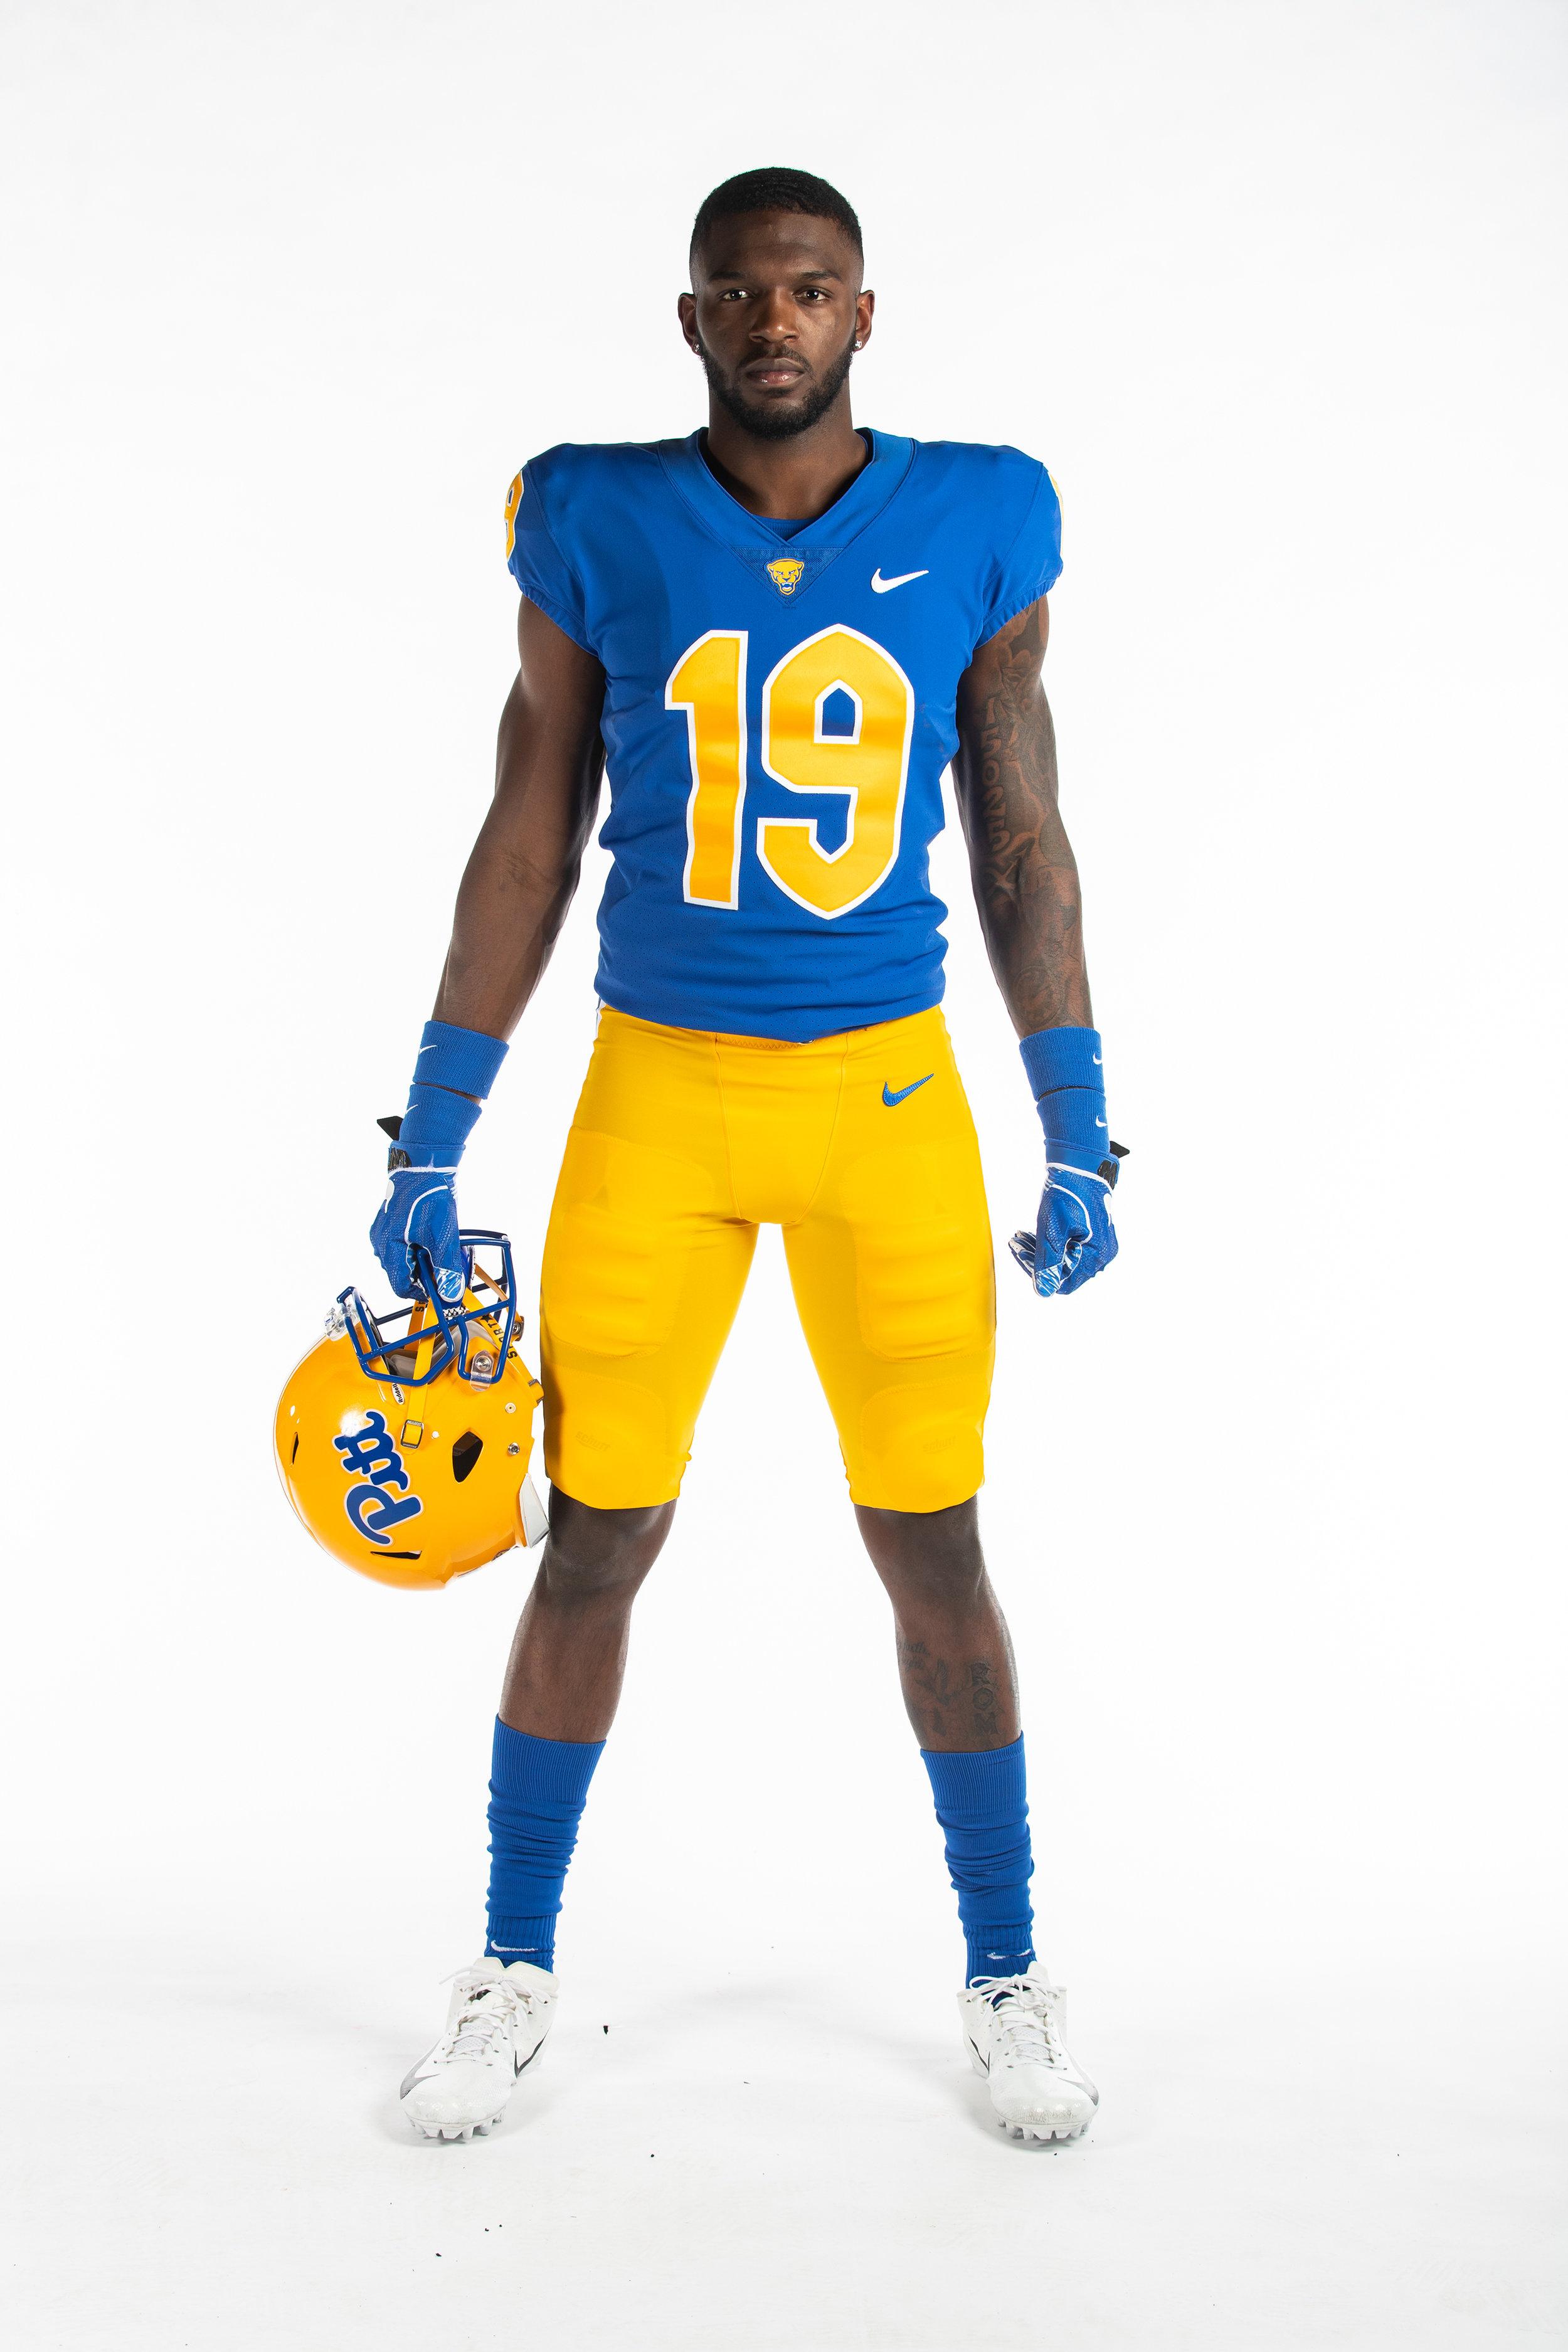 promo code f457e 1e927 Pitt Football's New Uniforms — UNISWAG